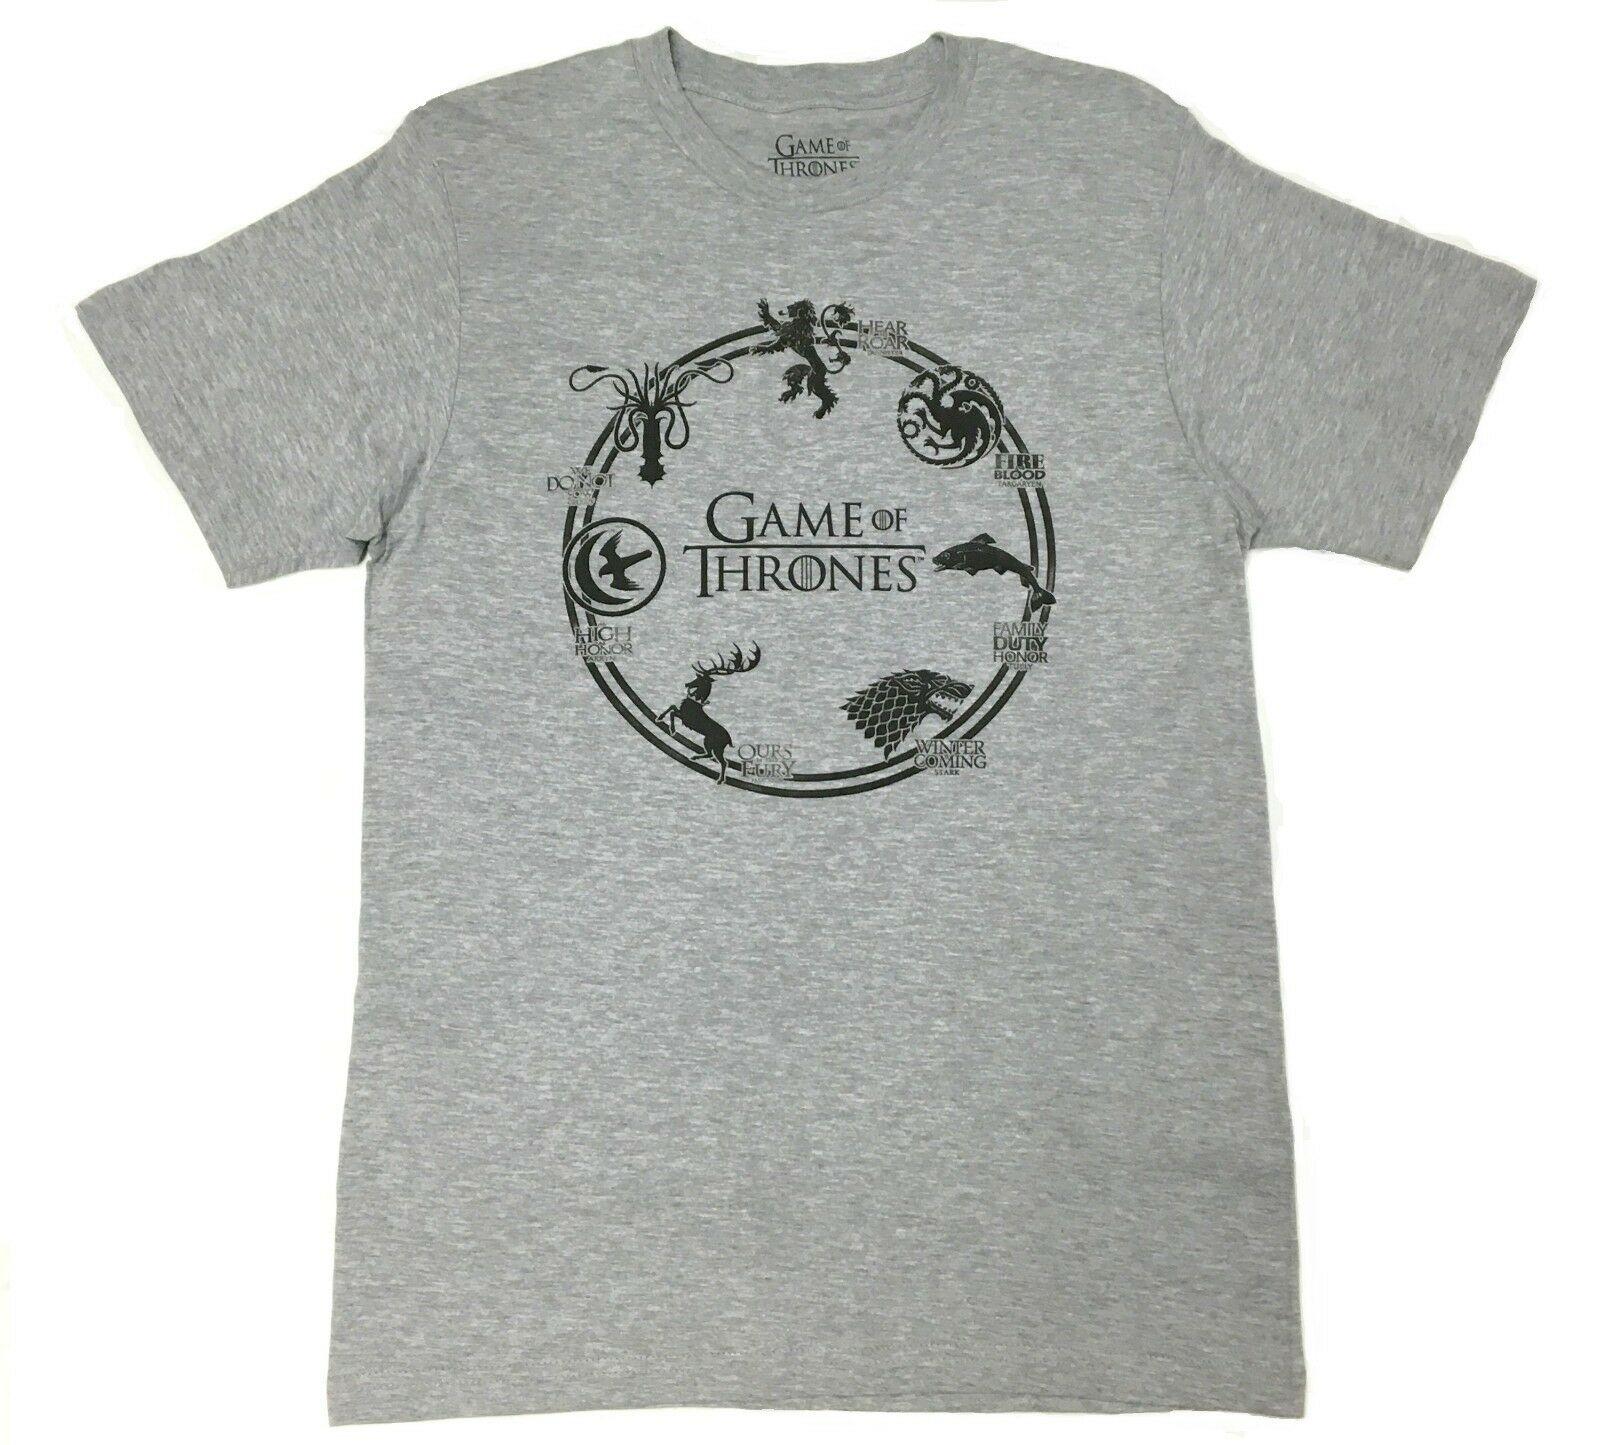 Game Of Thrones SHOUSE SIGILS anneau T-Shirt NWT 100% authentique été hommes mode T-Shirt 2019 mode, 2019 t-shirts chauds